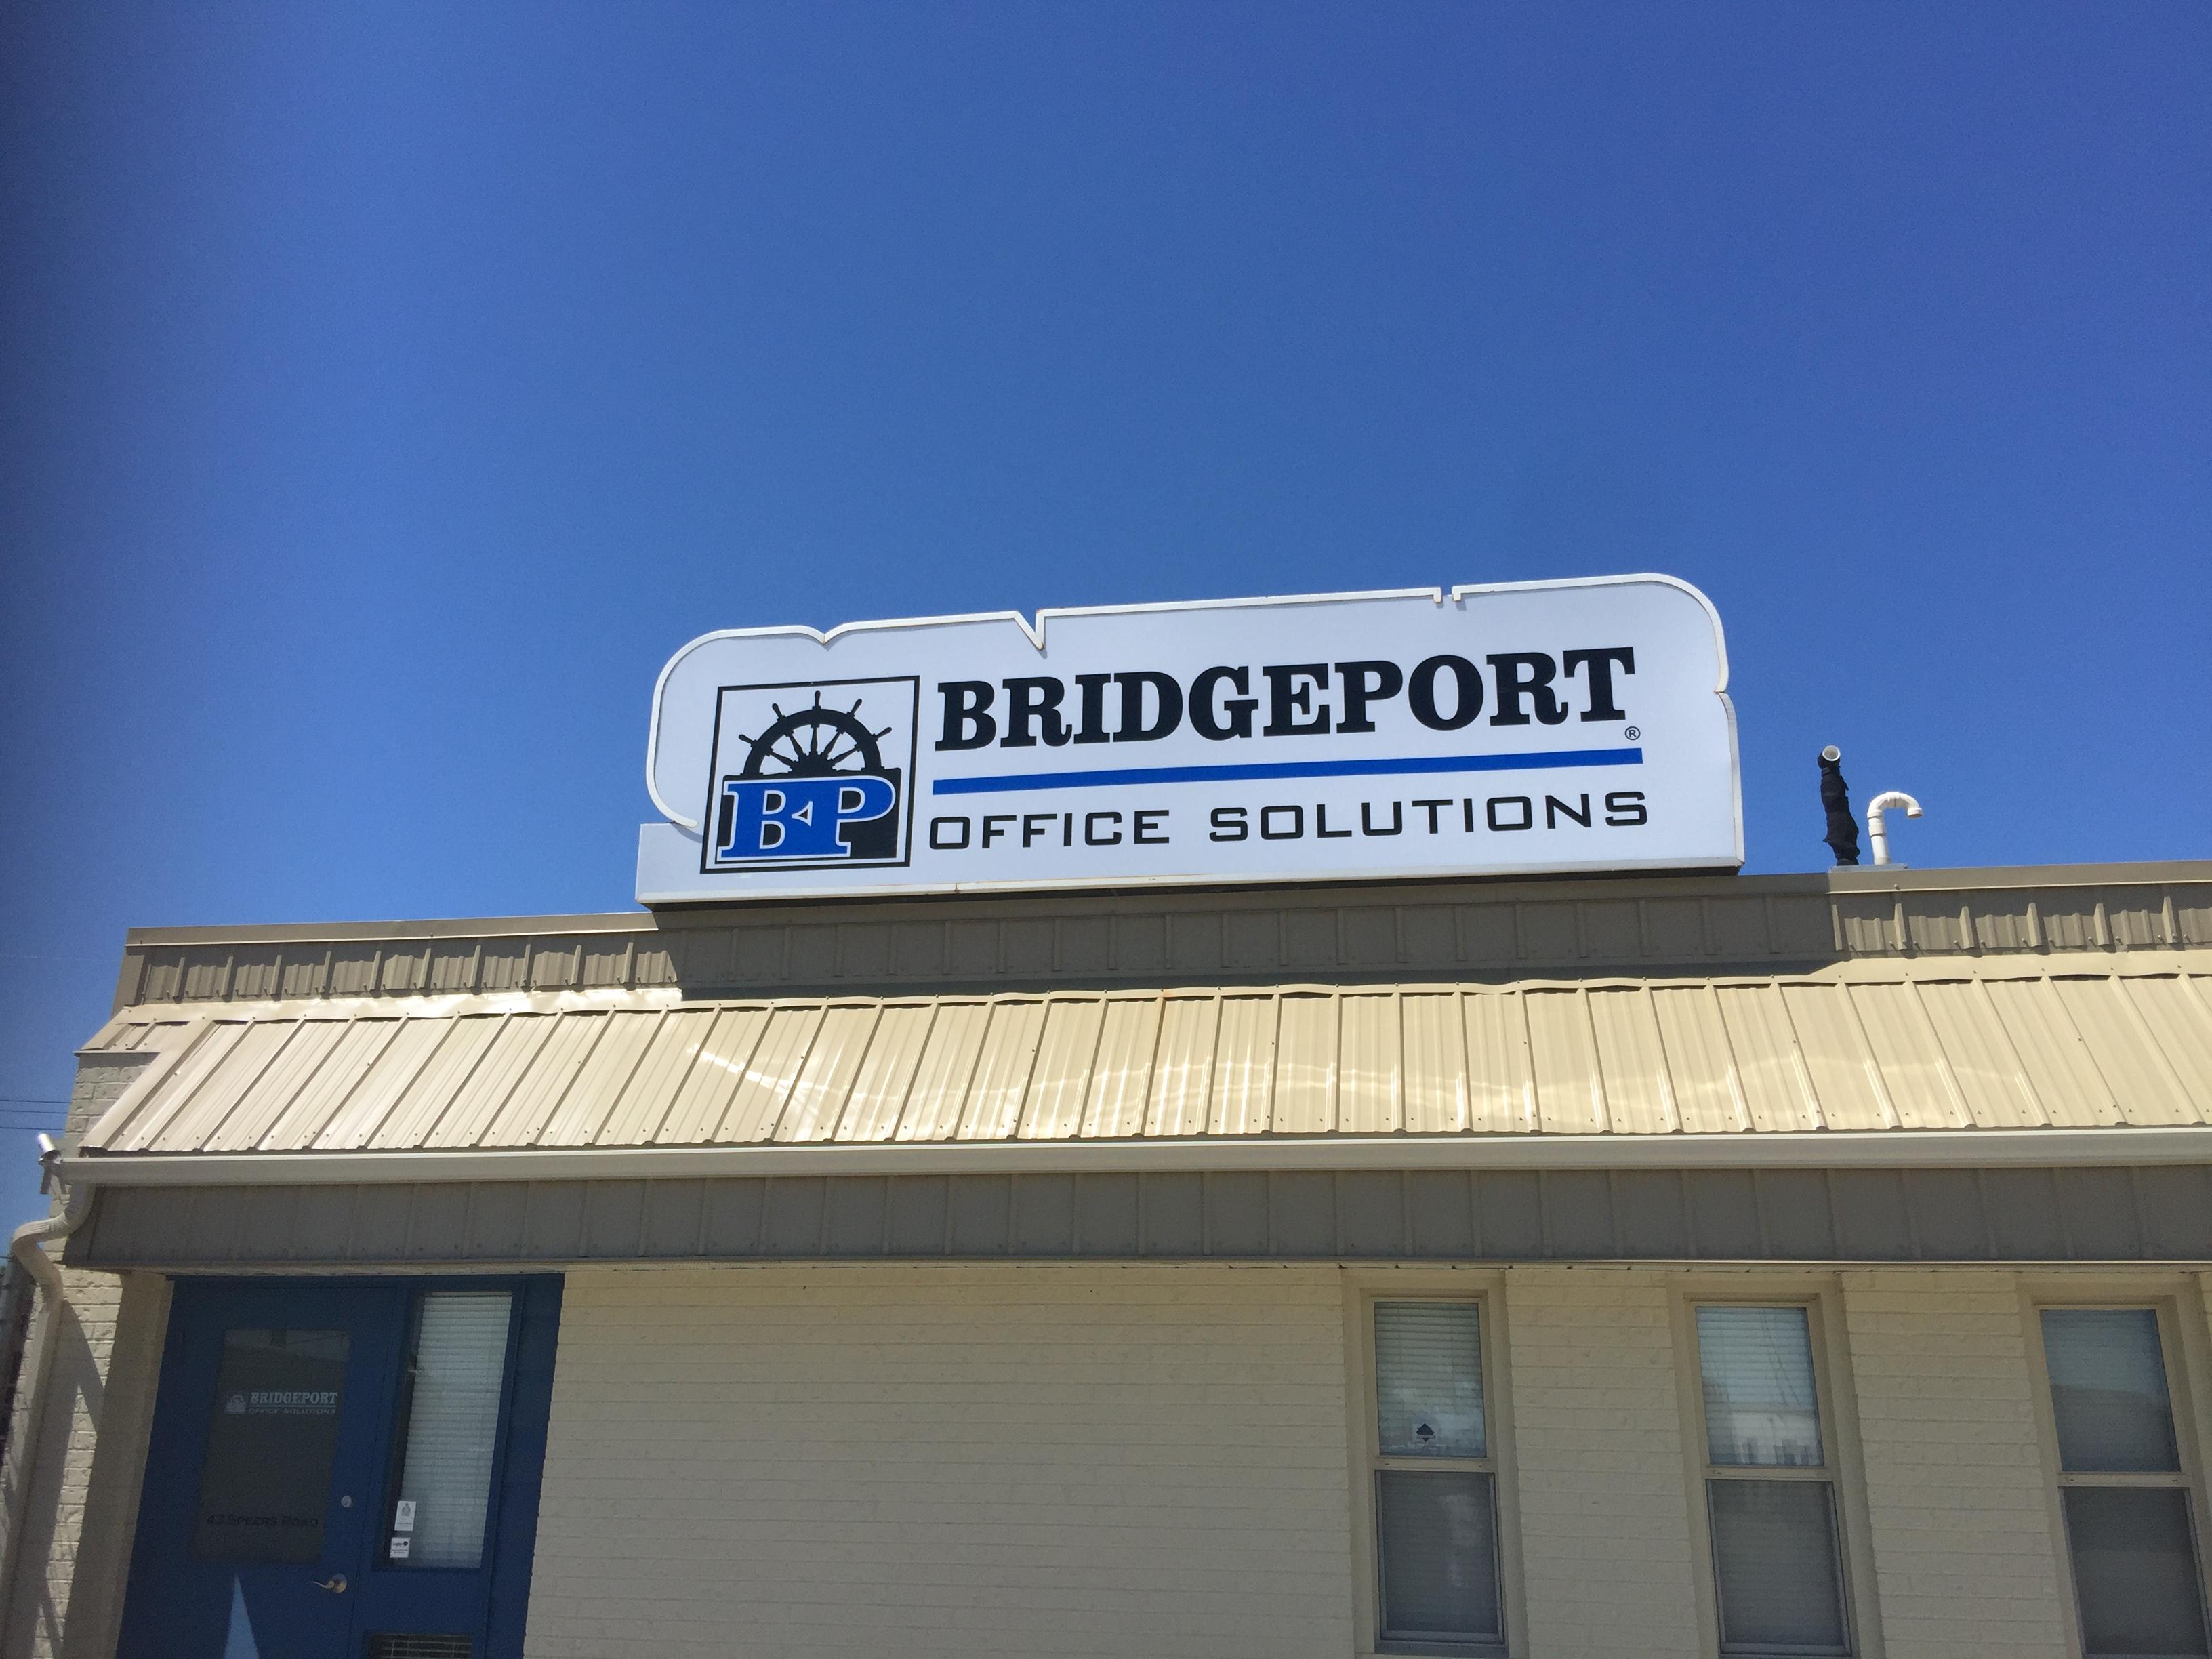 https://0901.nccdn.net/4_2/000/000/008/486/bridgeport-roof-sign.JPG